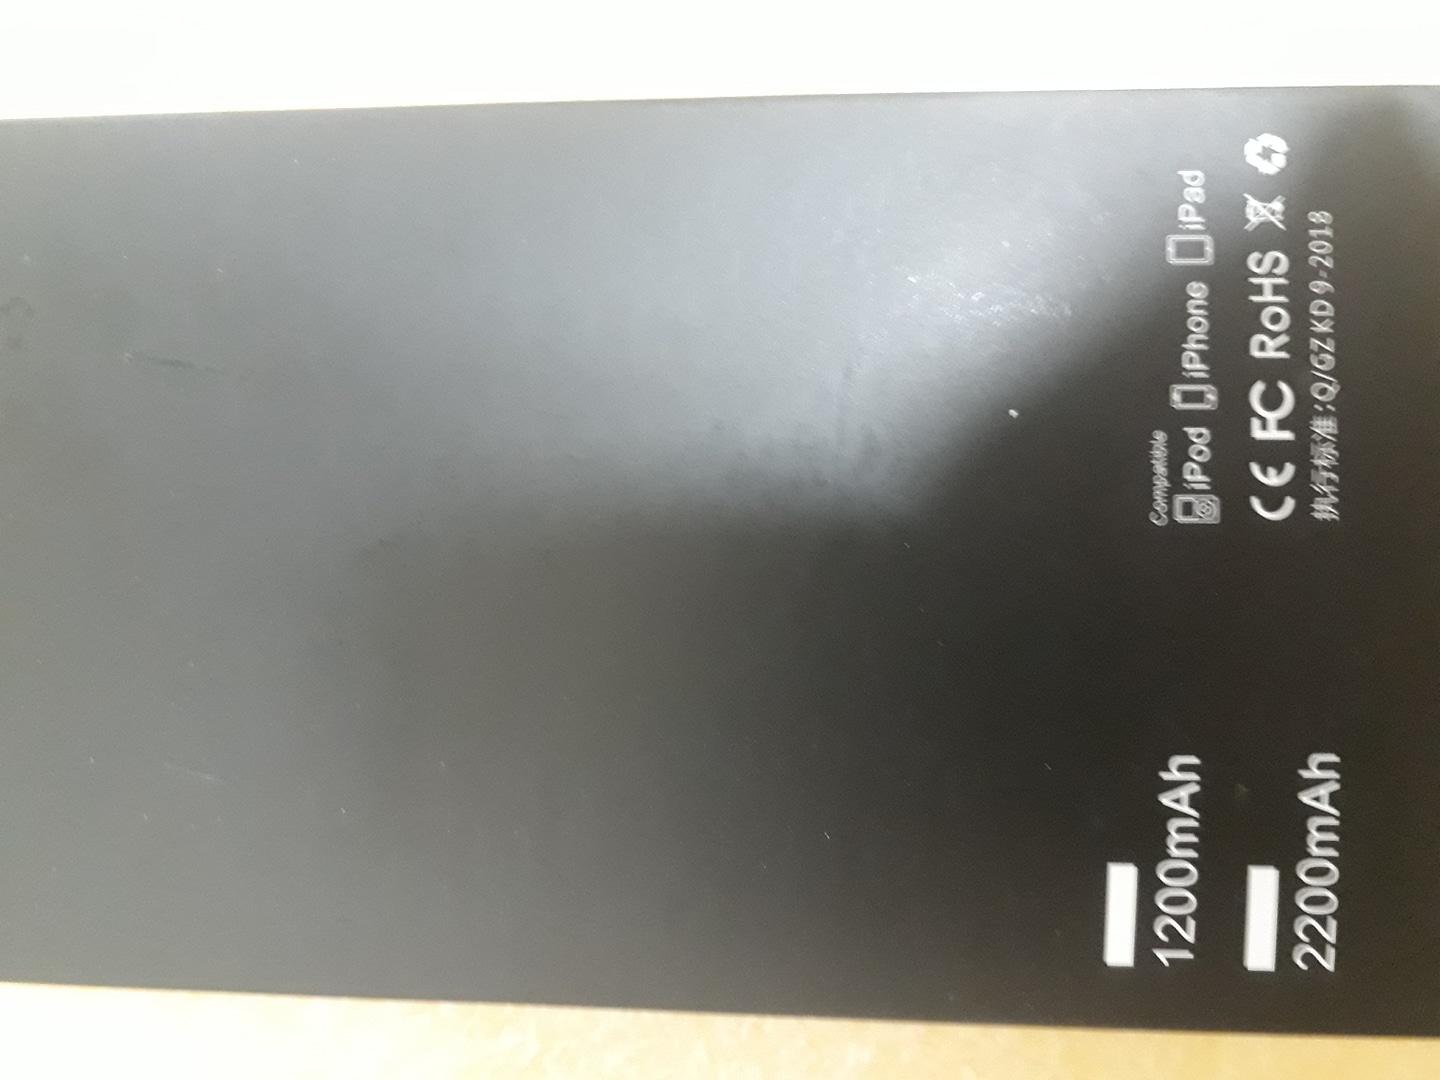 블루투스 이어폰 충전케이스 휴대폰도 충전가능